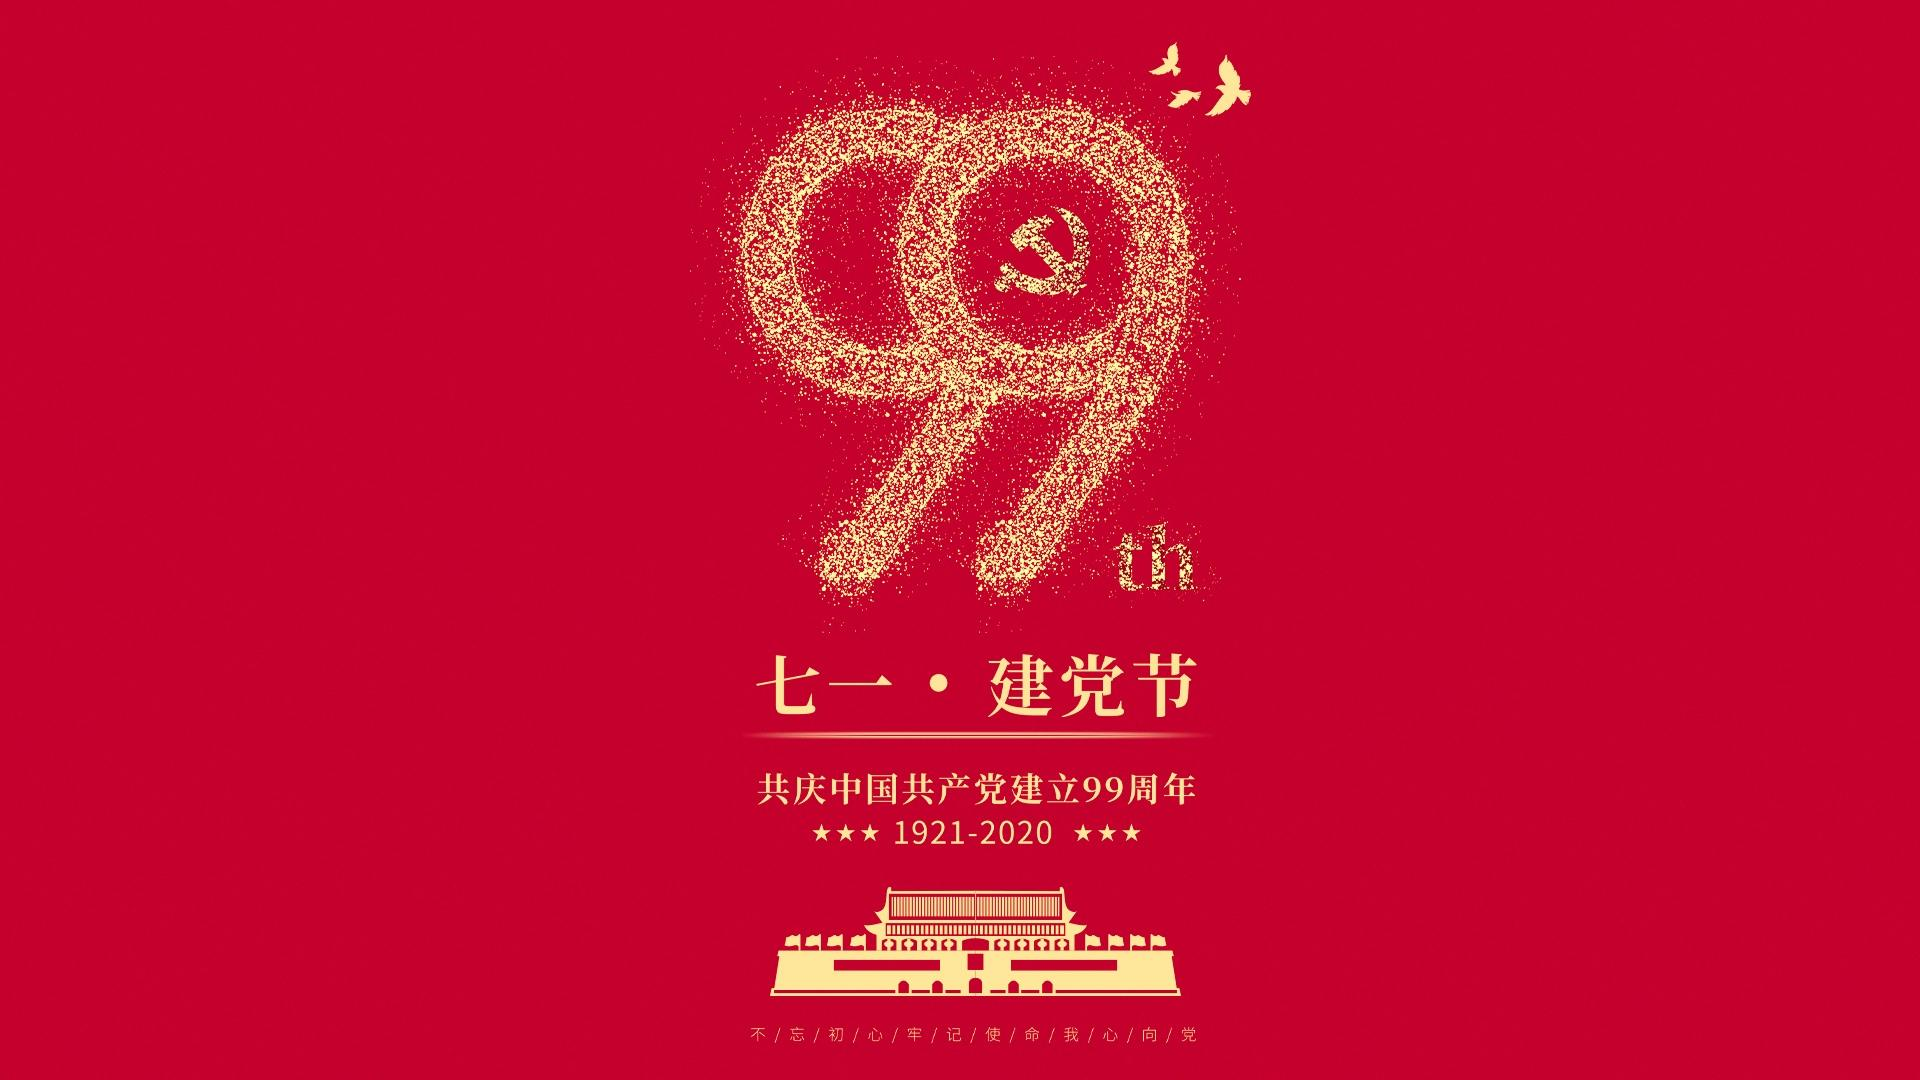 慶祝中國共產黨成立九十九周年!